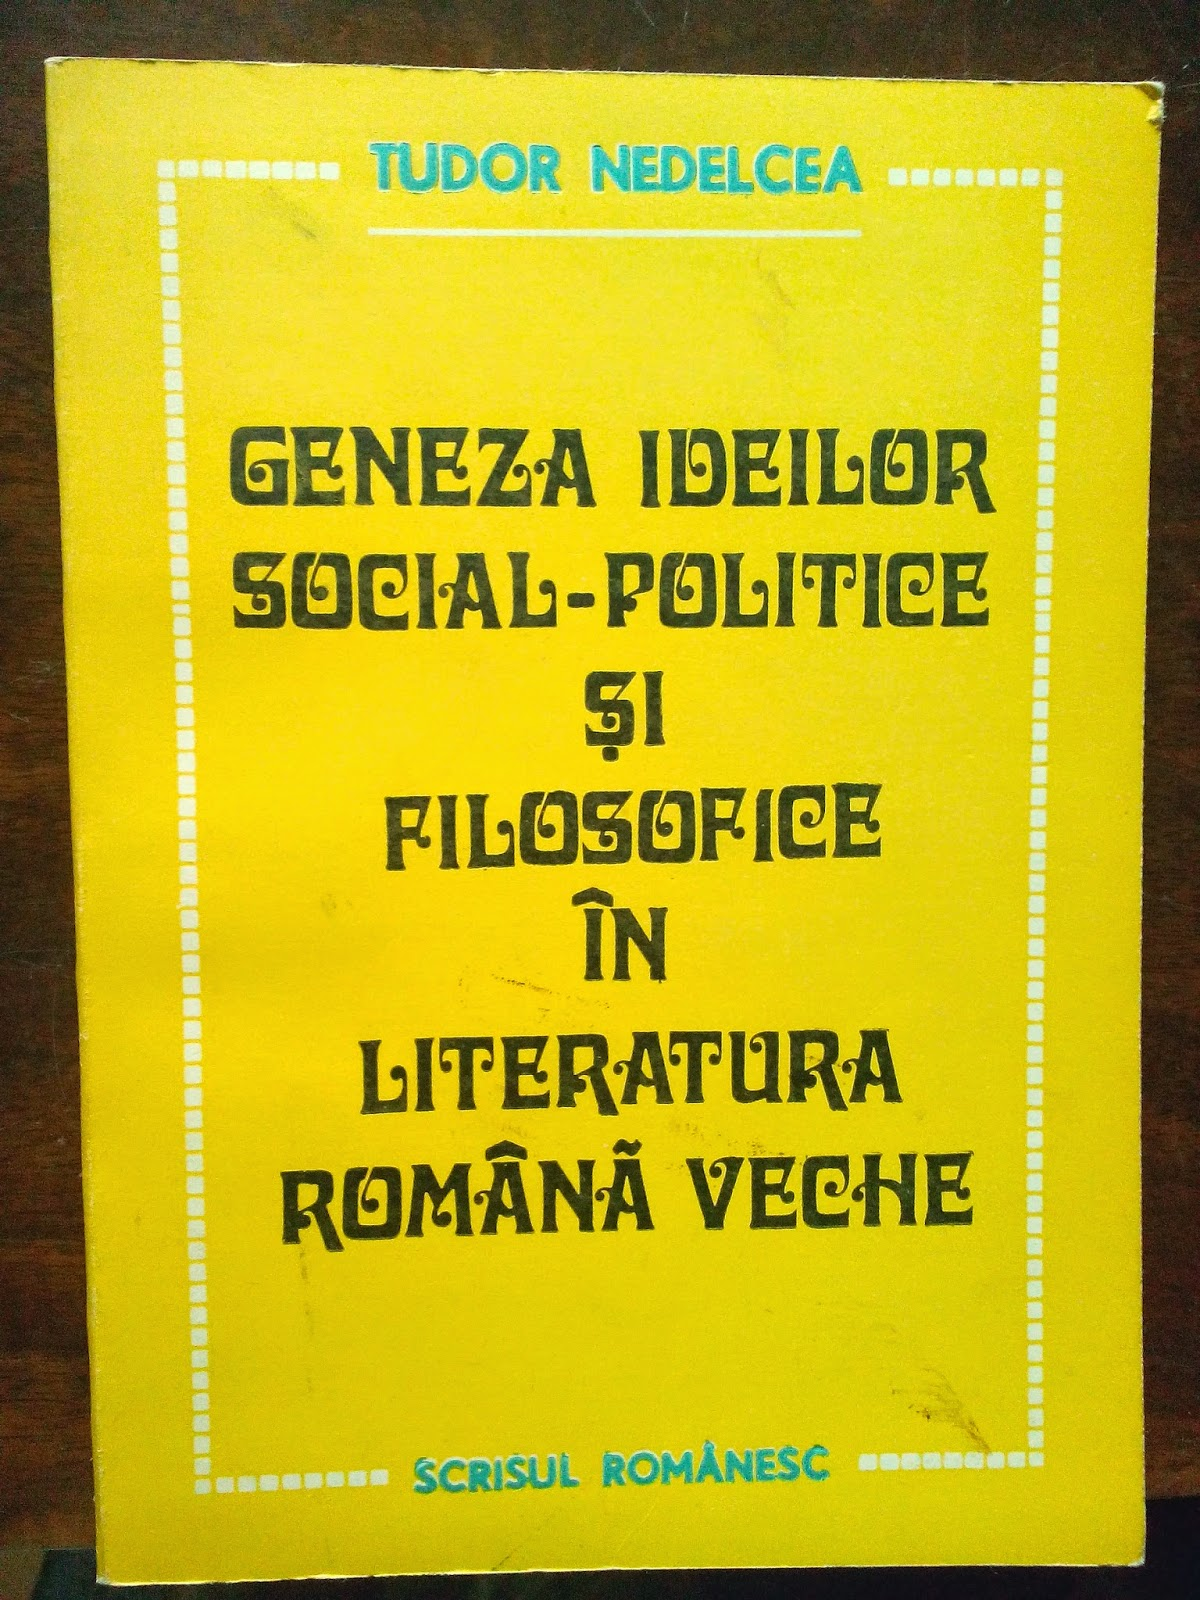 Tudor Nedelcea - Geneza ideilor social-politice si filosofice in literatura romana veche